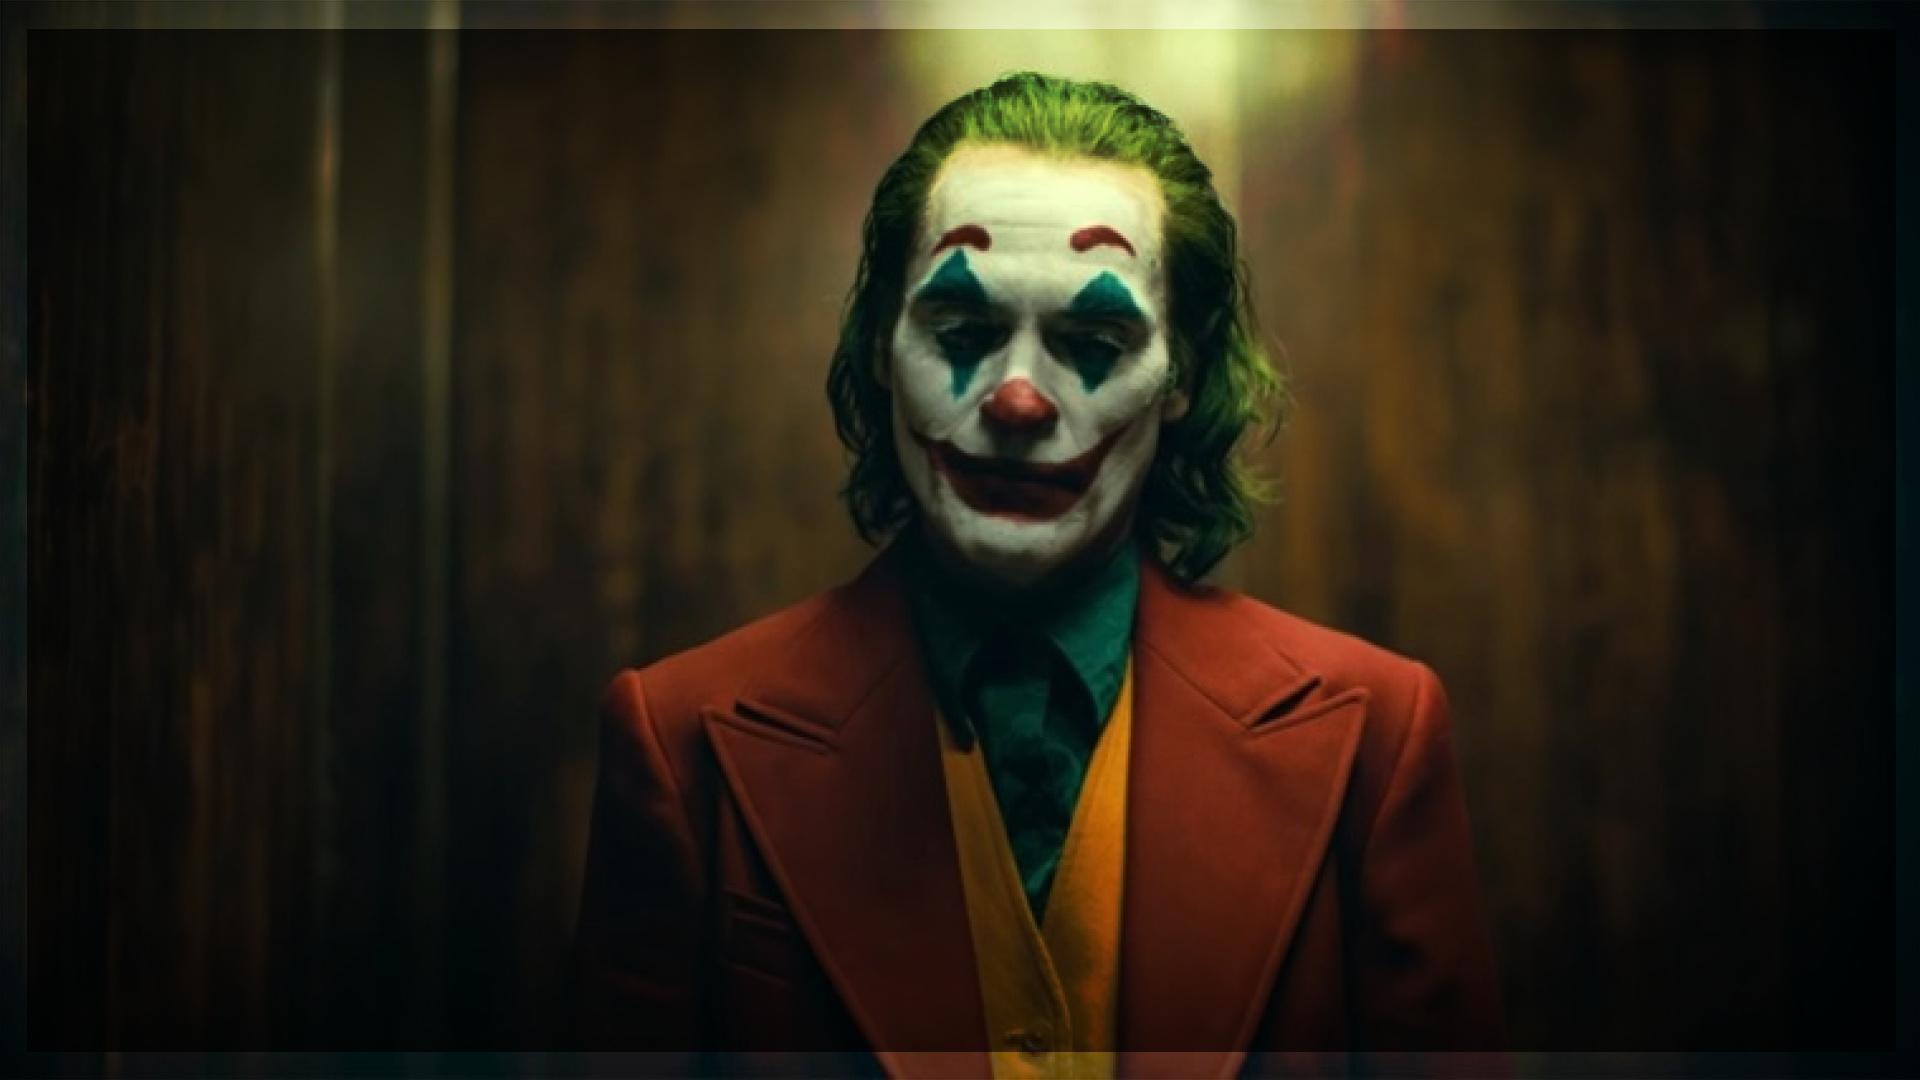 Jokerはandroidデバイスをターゲットにしています ビデオゲームについて話しましょう